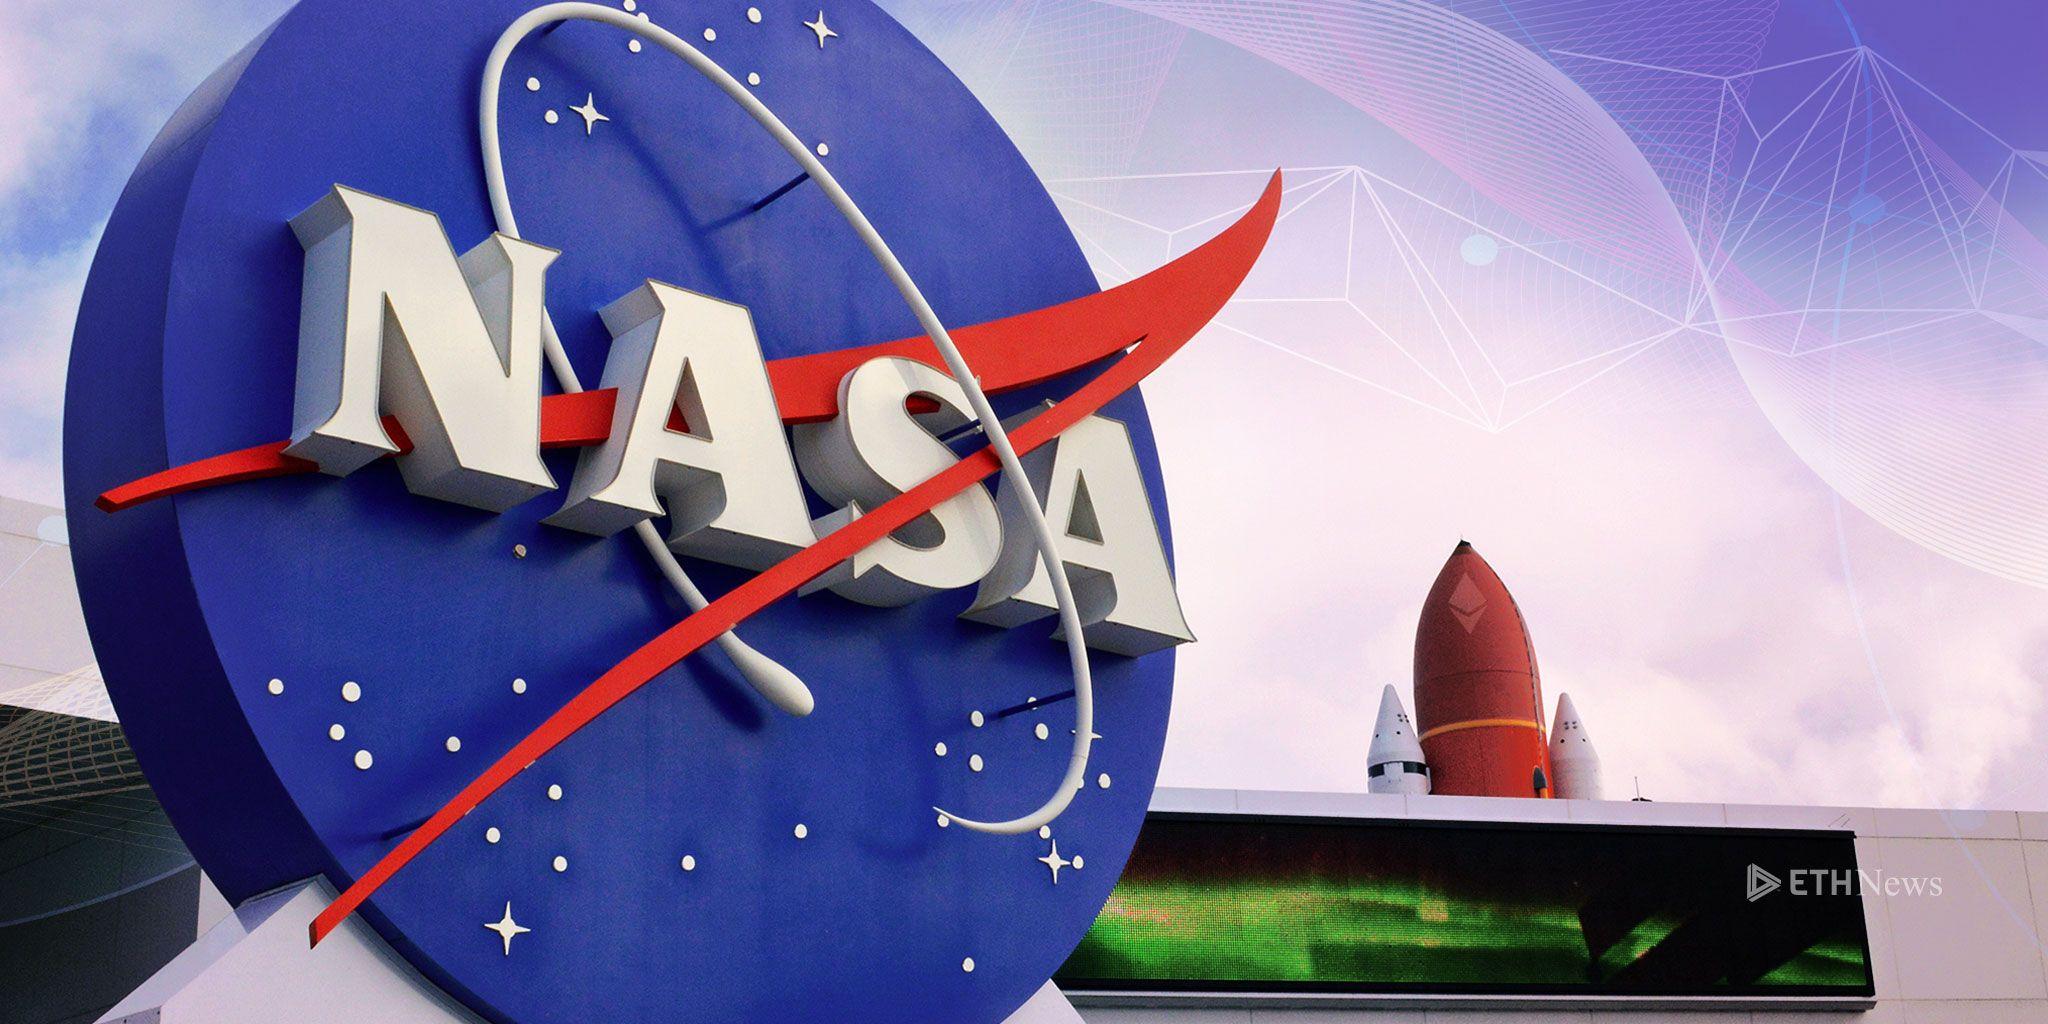 La NASA  será liderada  por un  escéptico del  cambio  climático tras  15 meses  sin  director